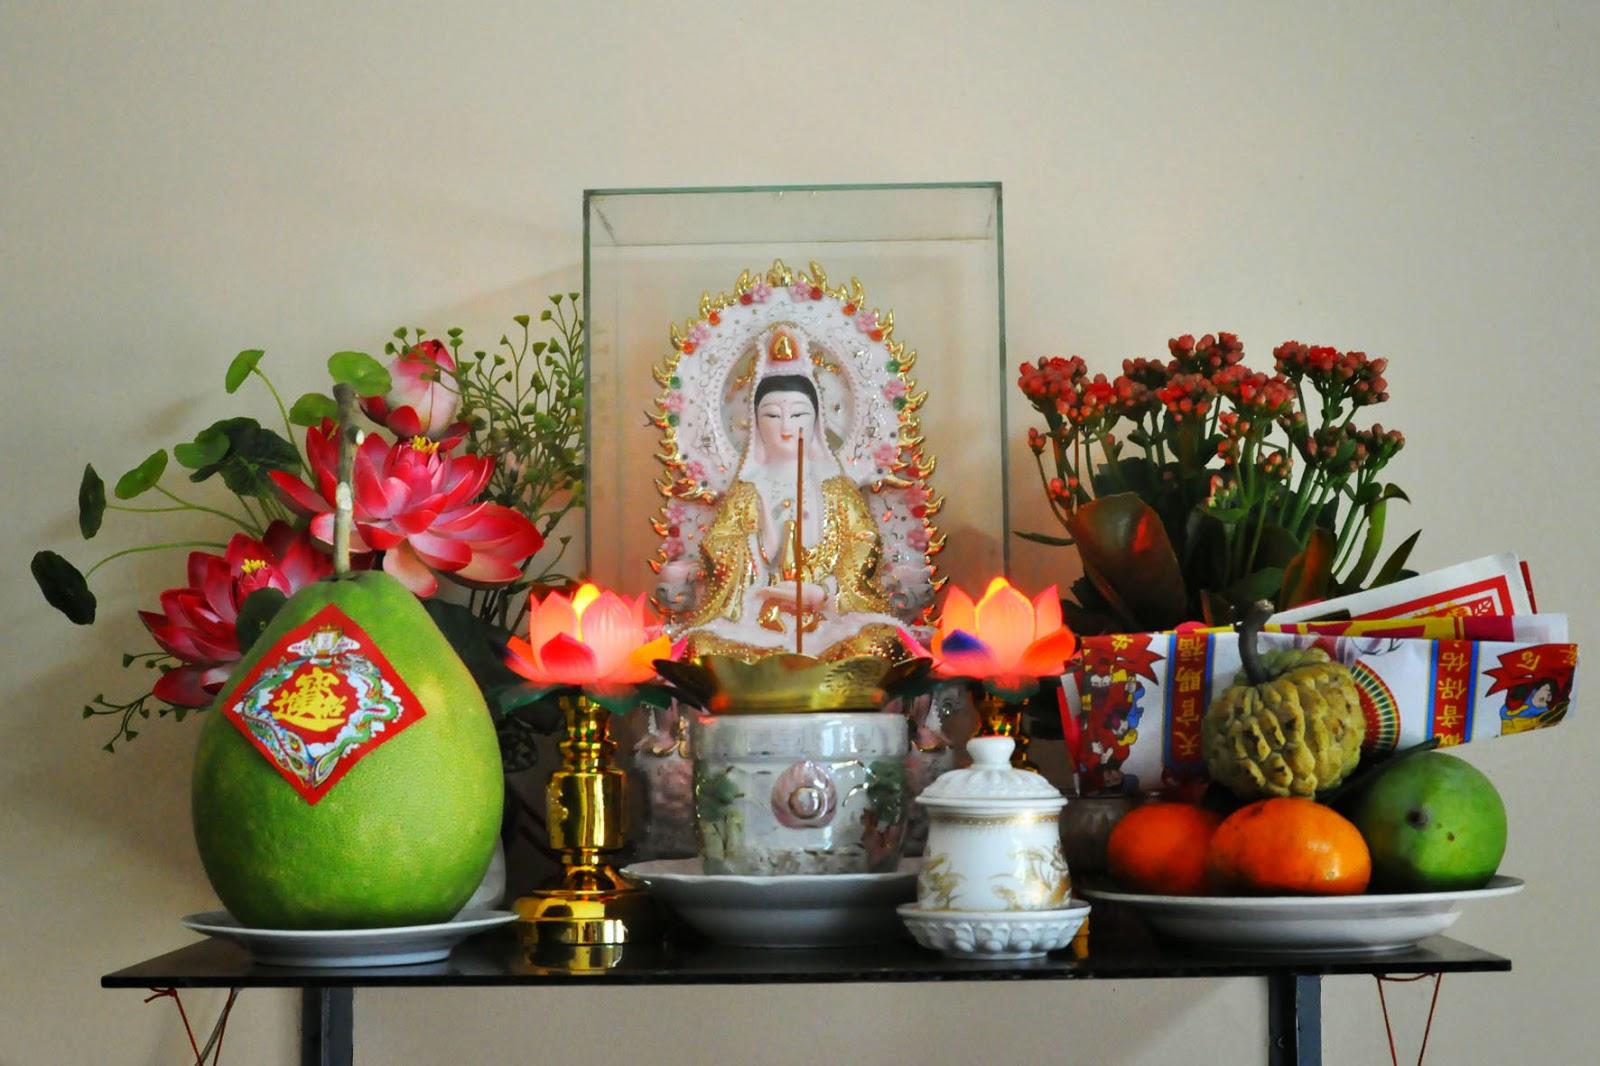 Cách đặt bàn thờ Phật Quan Âm bồ tát trong nhà hợp phong thủy 1